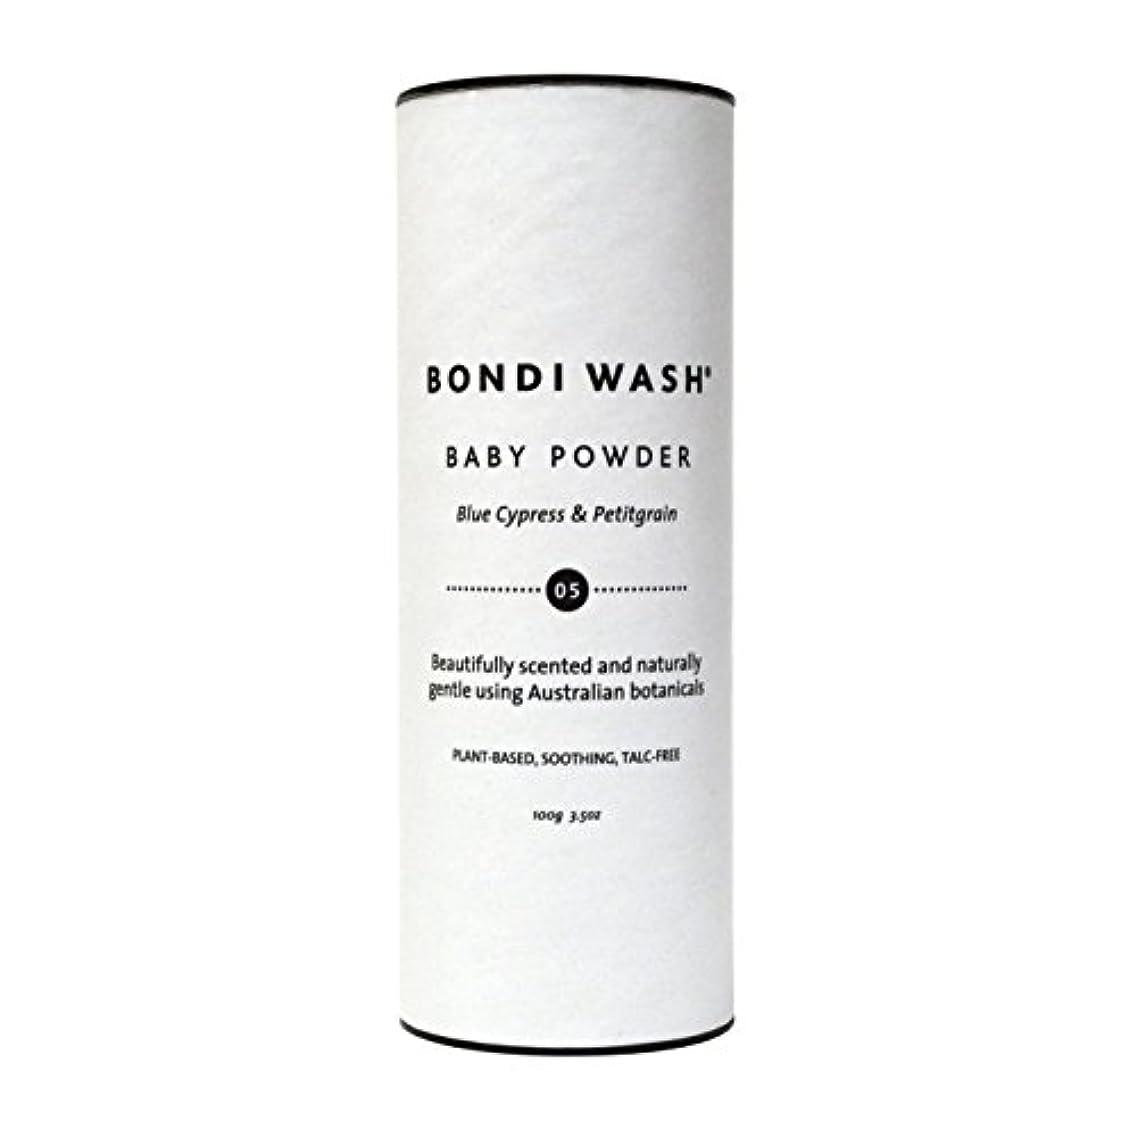 BONDI WASH ベビーパウダー 100g